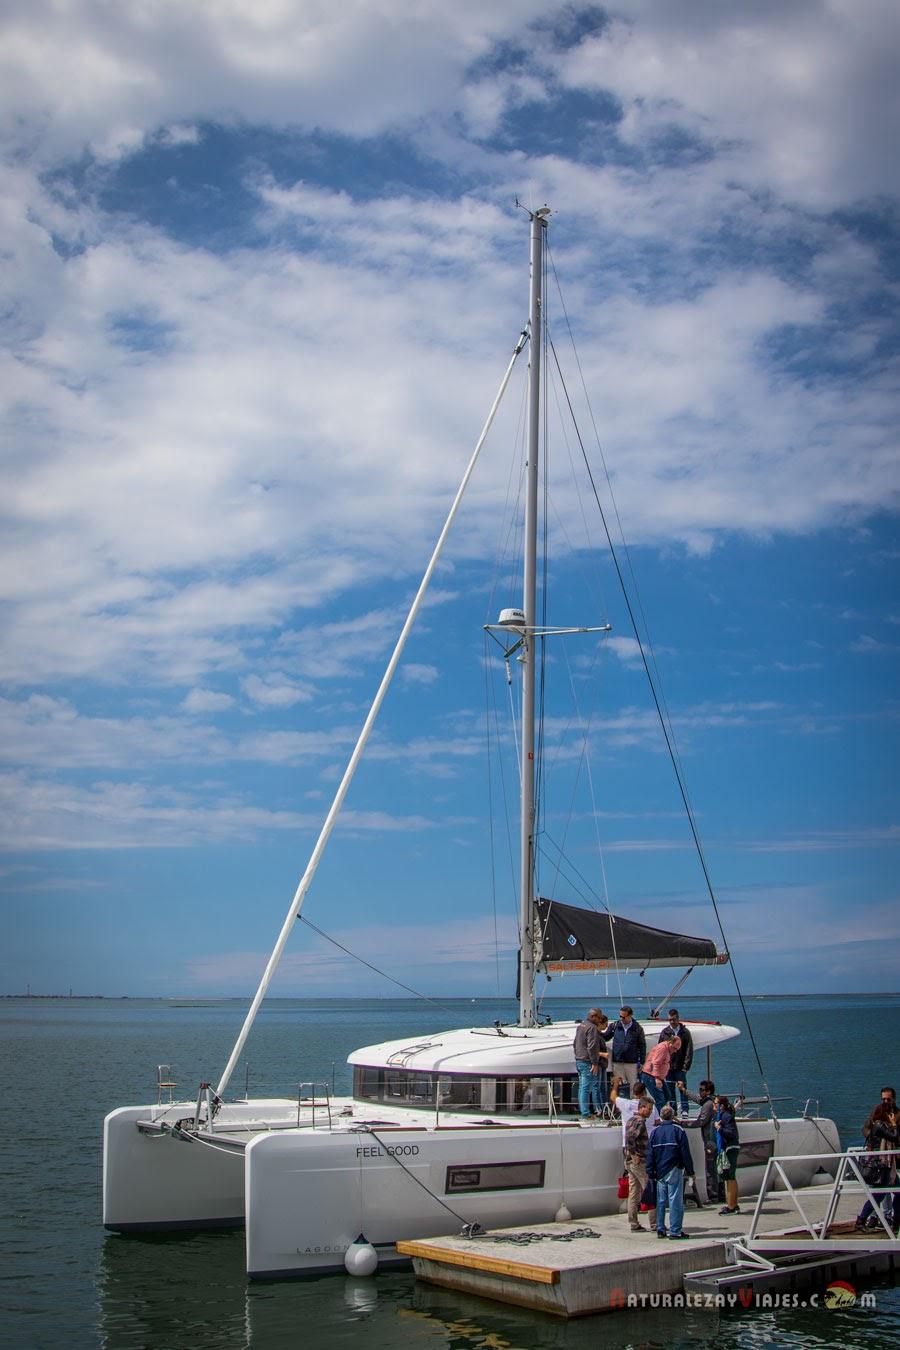 Catamarán Isla Armona y Culatra, Algarve